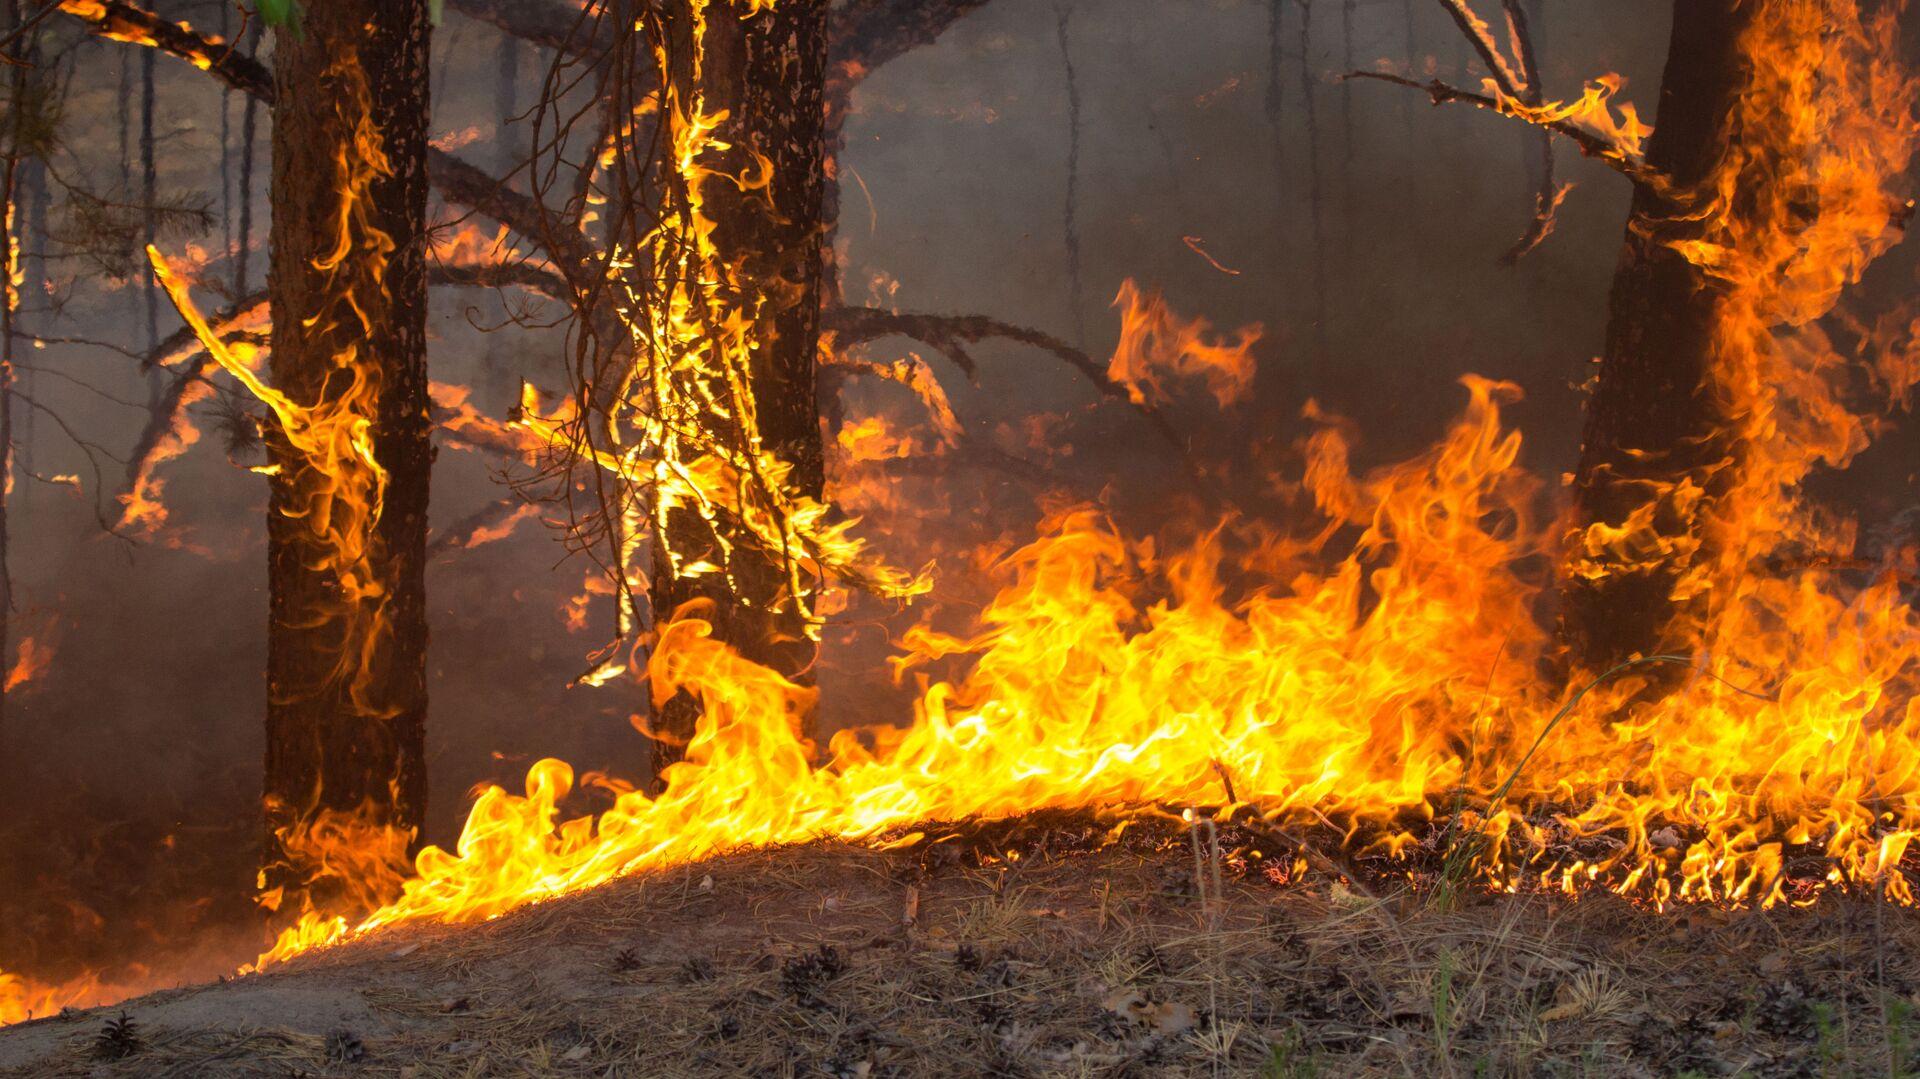 Лесной пожар - РИА Новости, 1920, 23.09.2021